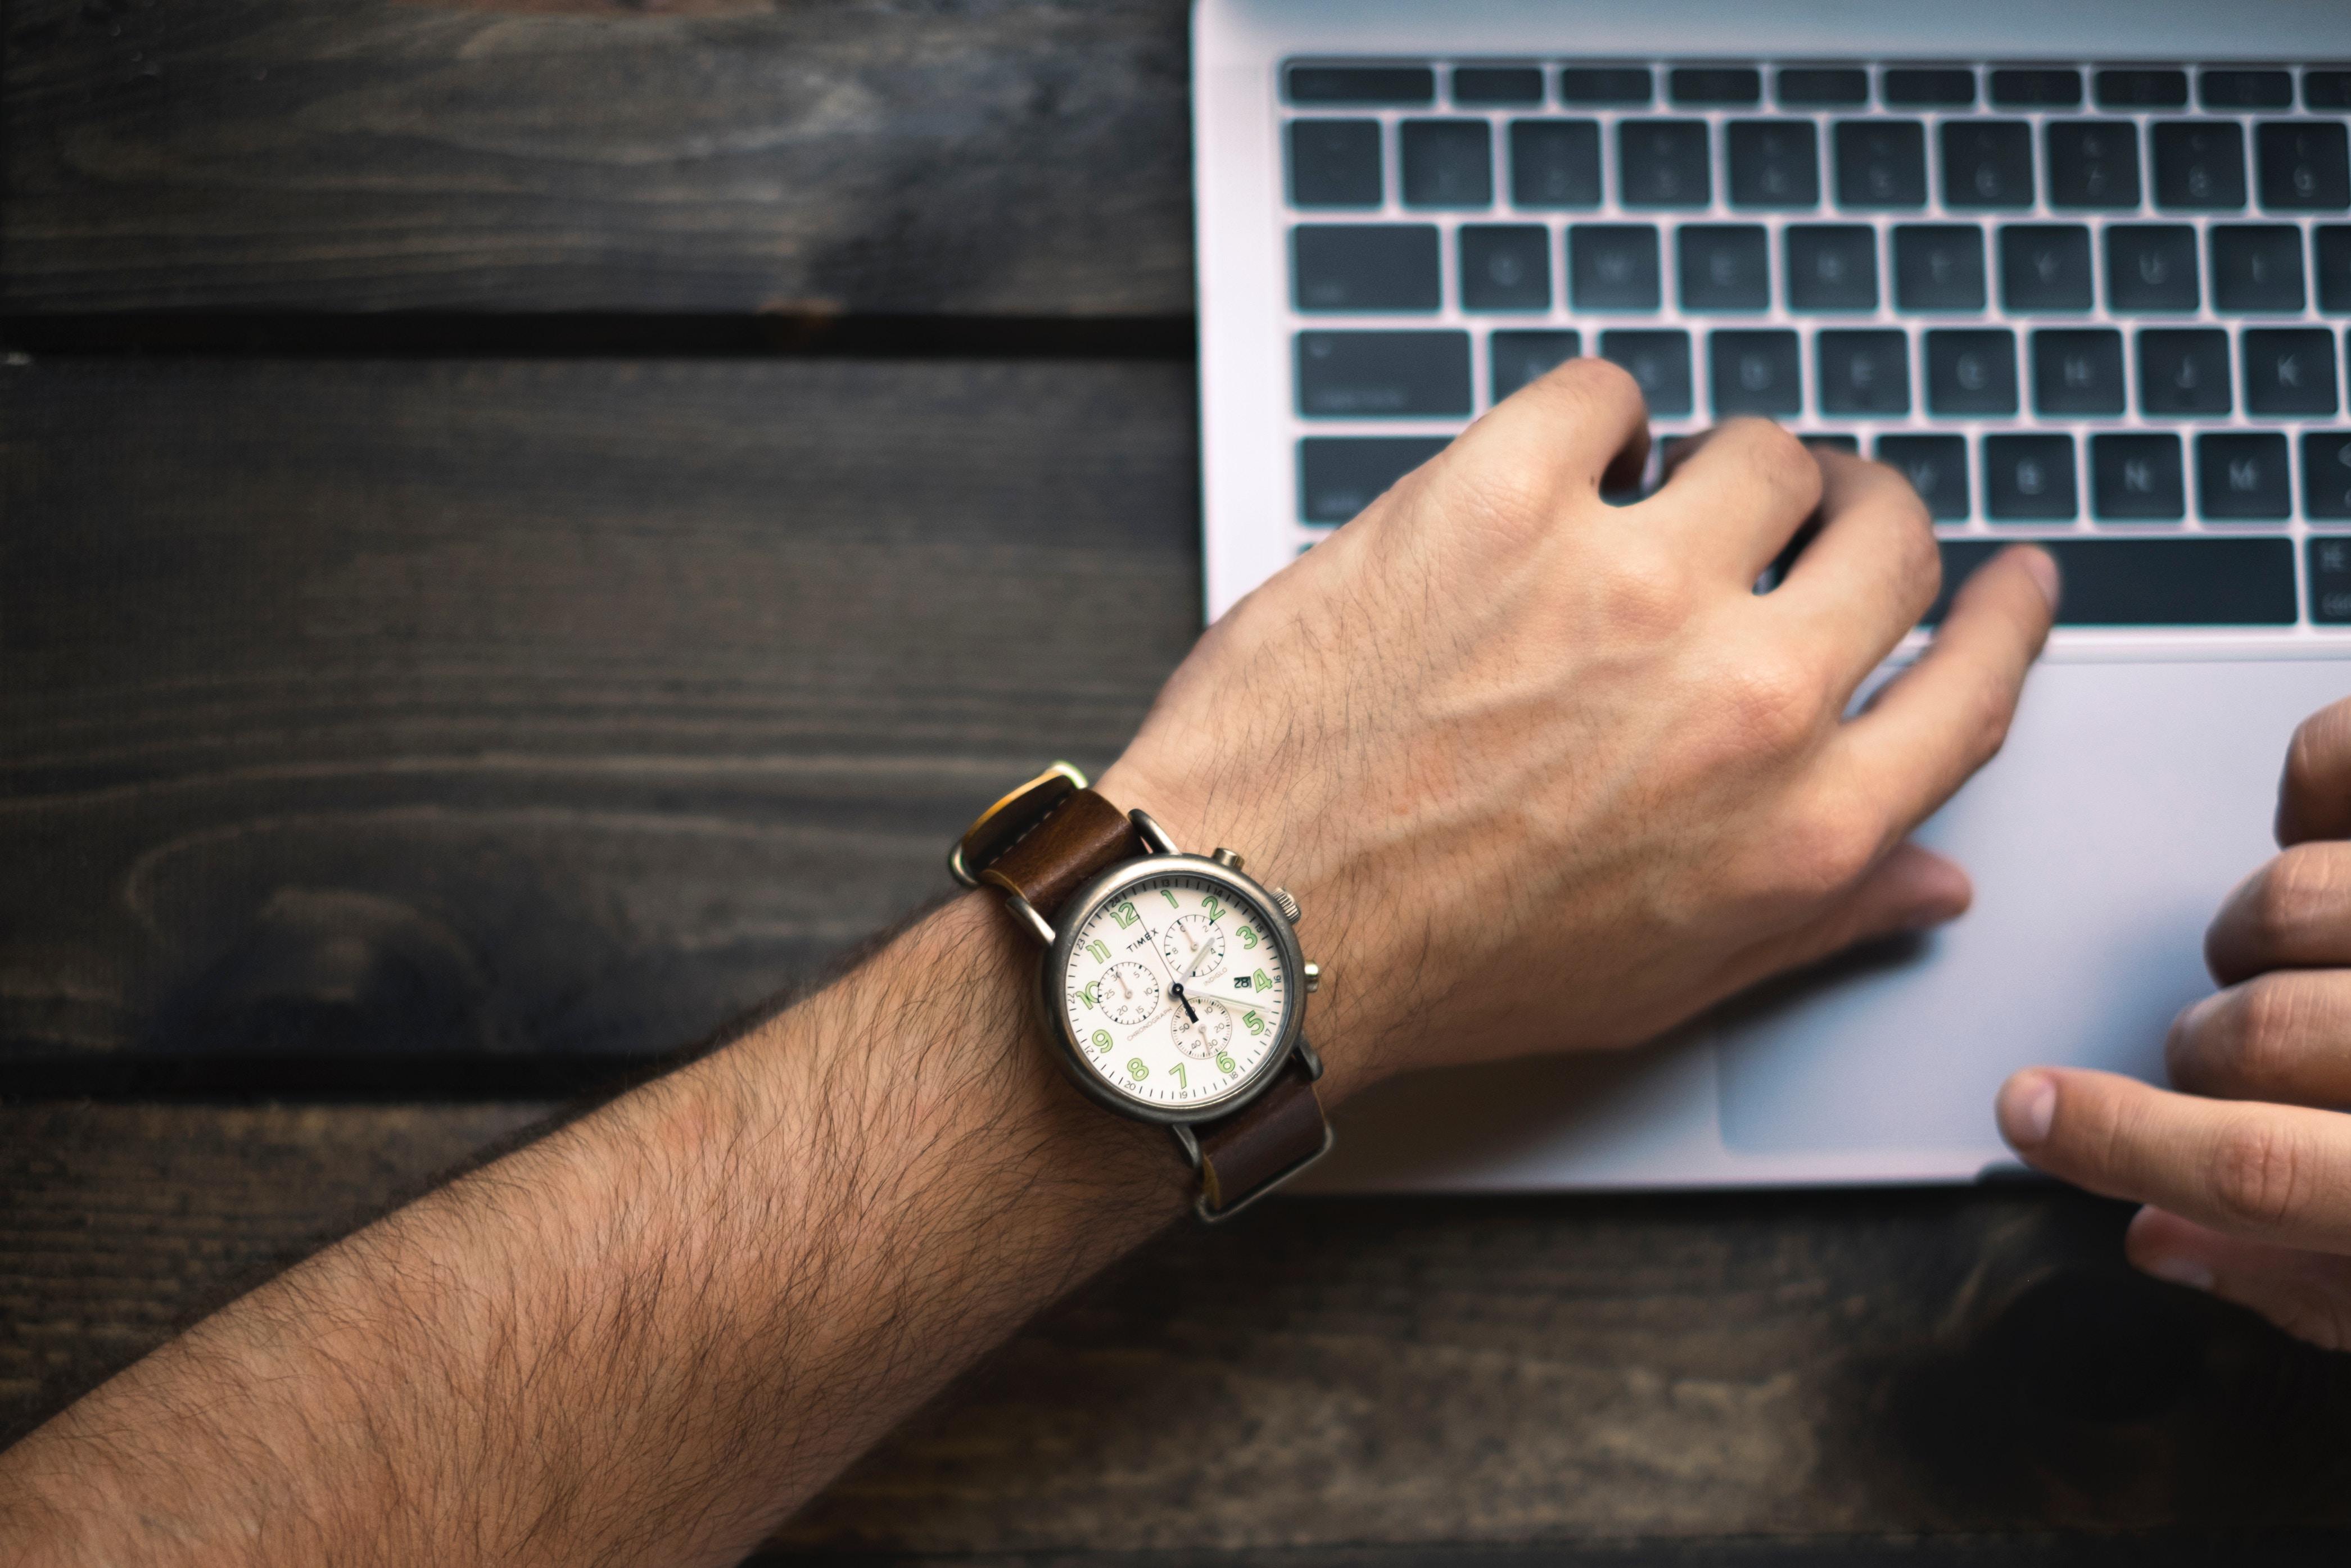 brad neathery 303623 unsplash - Guía para adaptarse a la nueva Ley sobre registro de jornada laboral